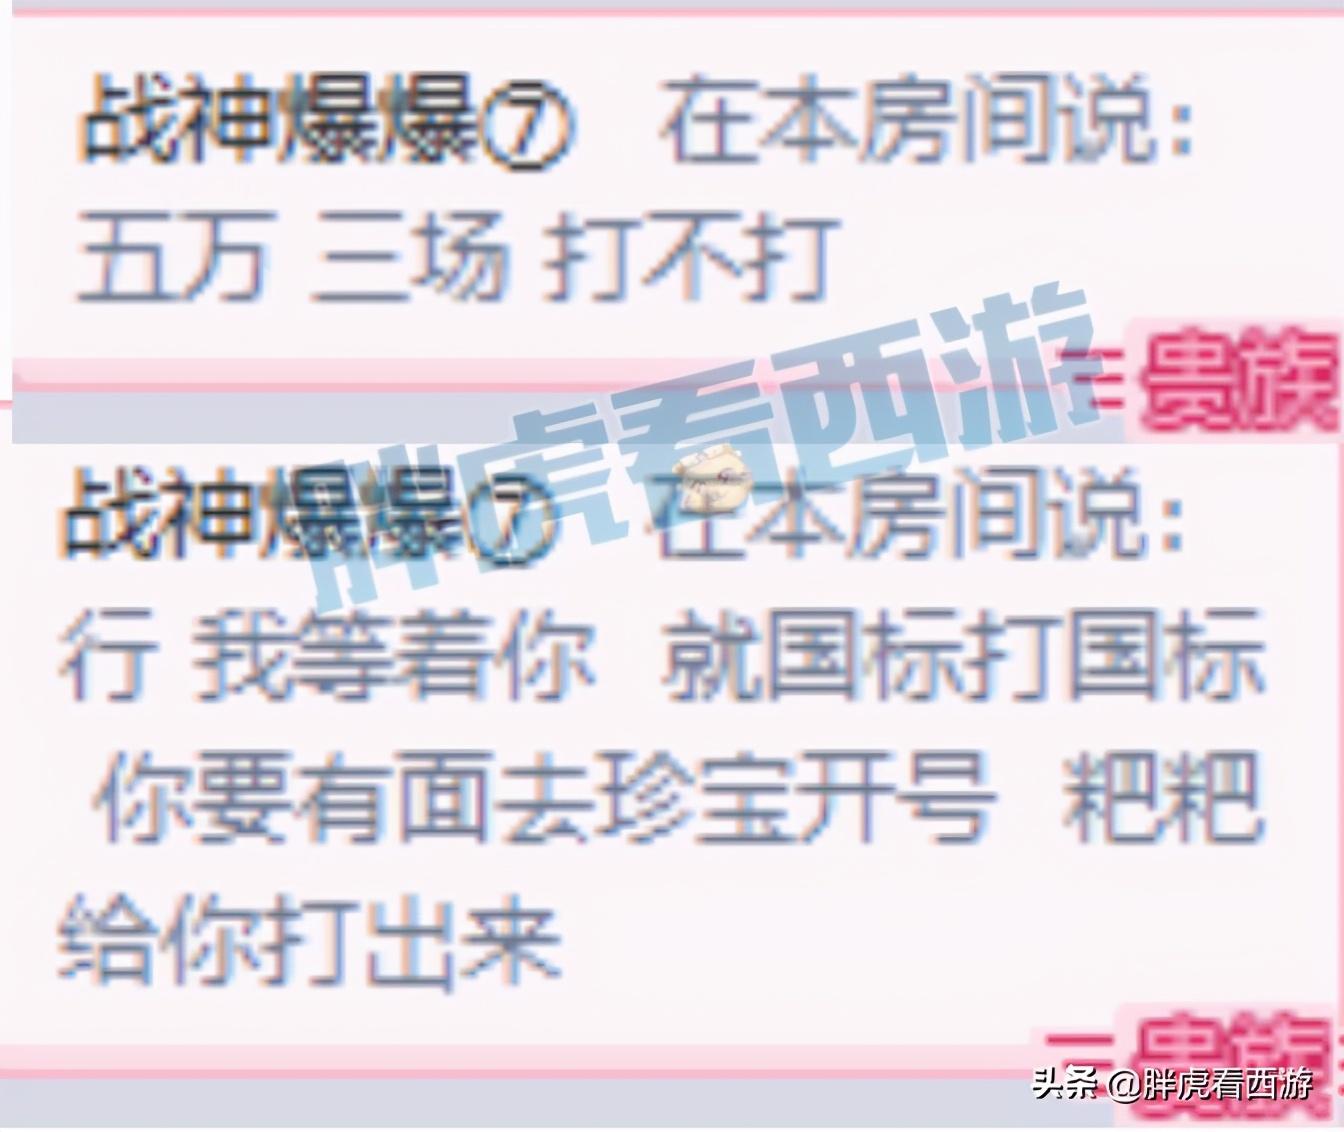 梦幻西游:爆总&二狗5万3场约战国标,文哥怒斥喷子愤然退群